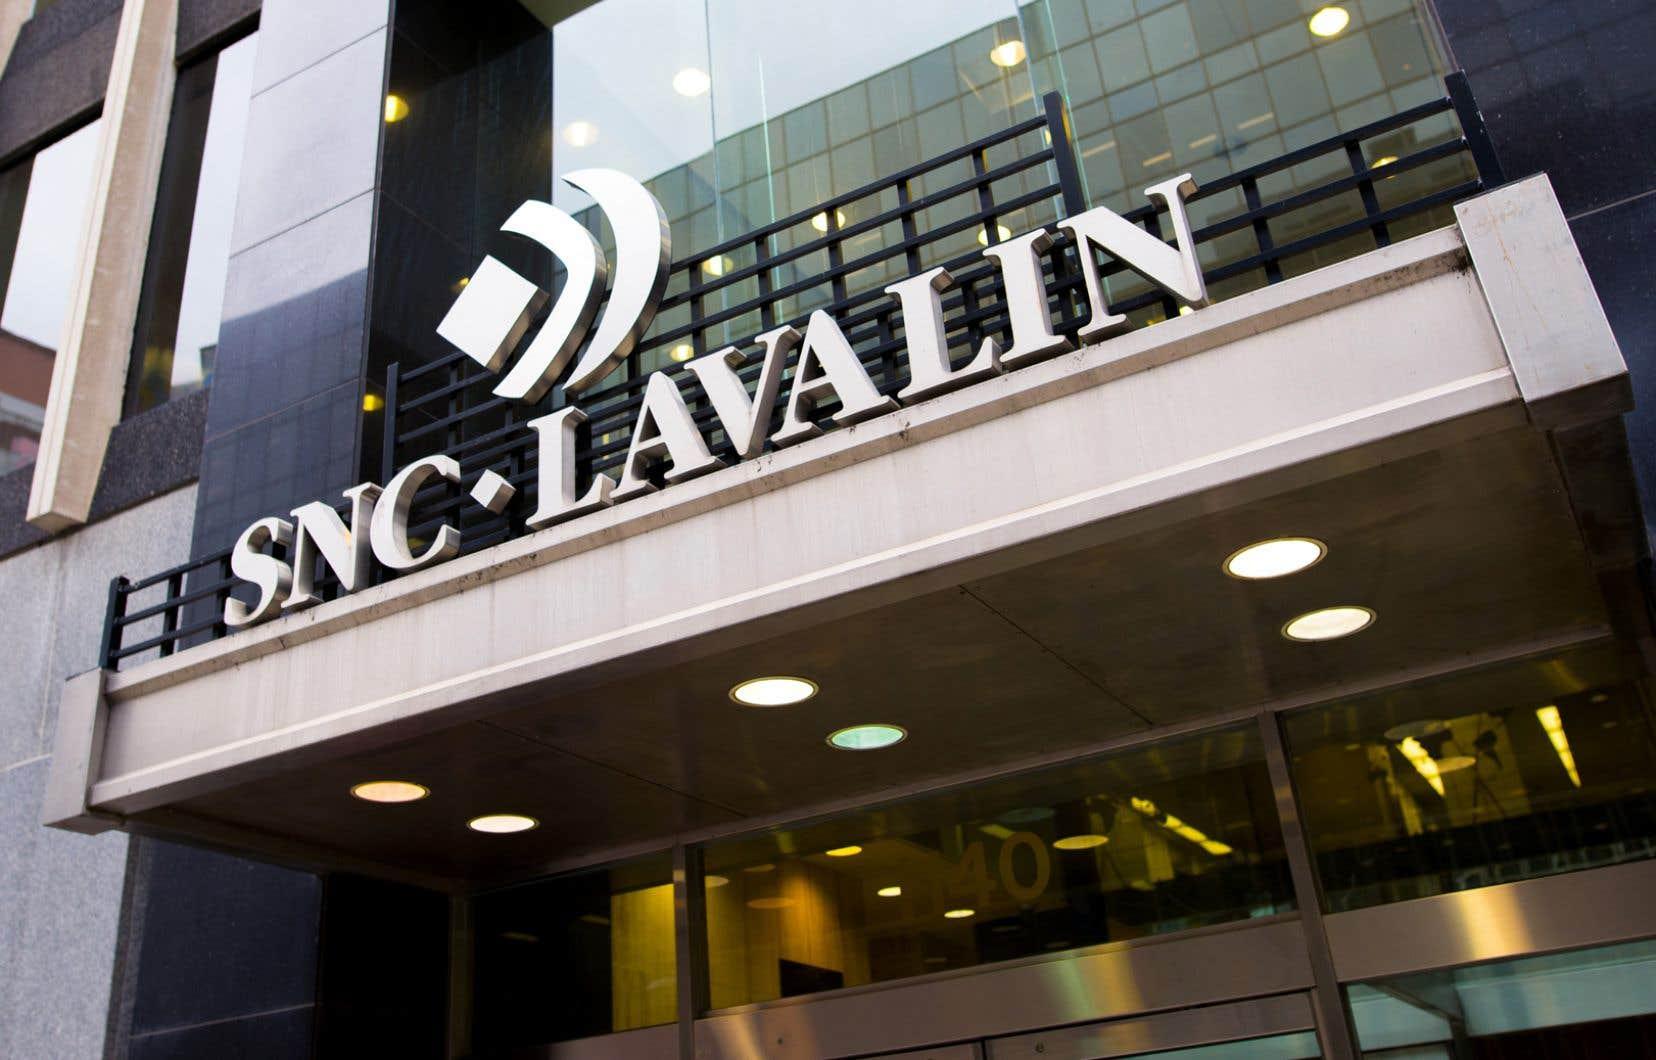 SNC-Lavalin avait signalé, en août dernier, qu'elle étudiait ses options à l'égard de son secteur des ressources lorsqu'elle avait annoncé une restructuration visant à réduire les activités de ce segment, notamment en quittant 21 des 30 pays où elle était présente.